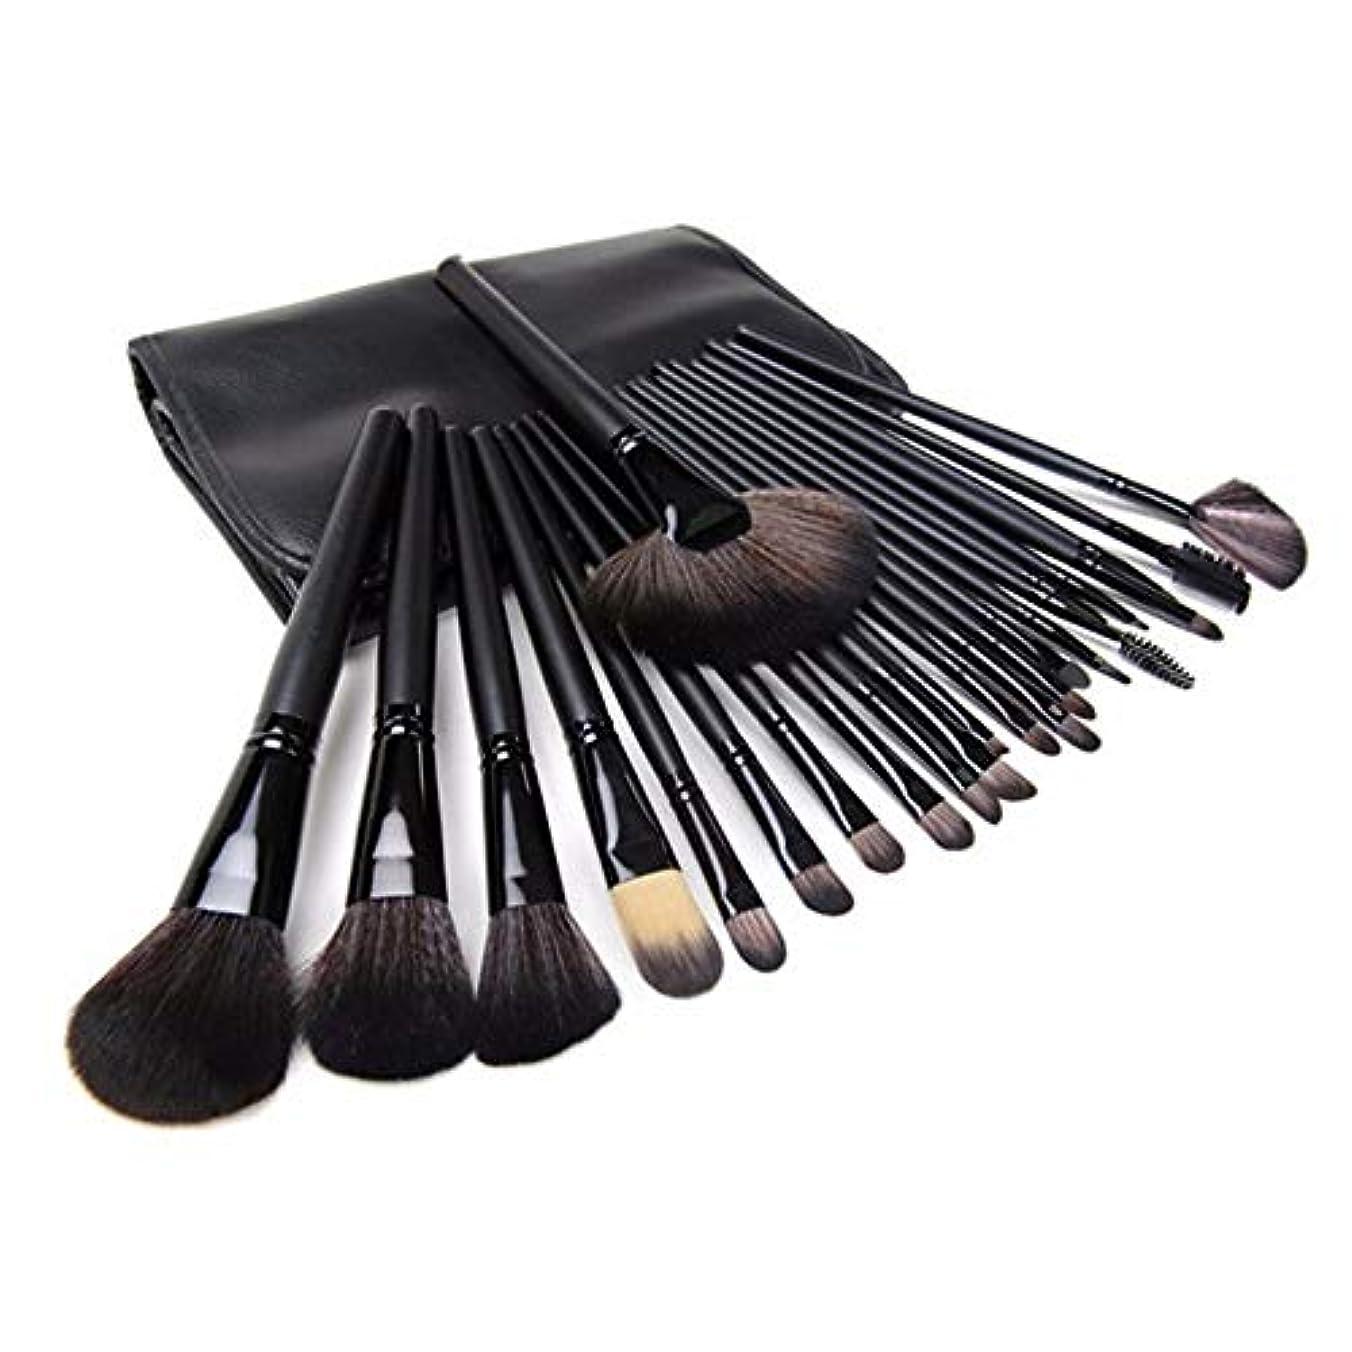 アクティブとまり木首Makeup brushes メイクアップバッグ、24ピースメイクアップブラシ完熟セミシンセティックファンデーションブラッシュコンシーラーアイシャドウリップバーム、メイクアップブラシセット suits (Color : Black)